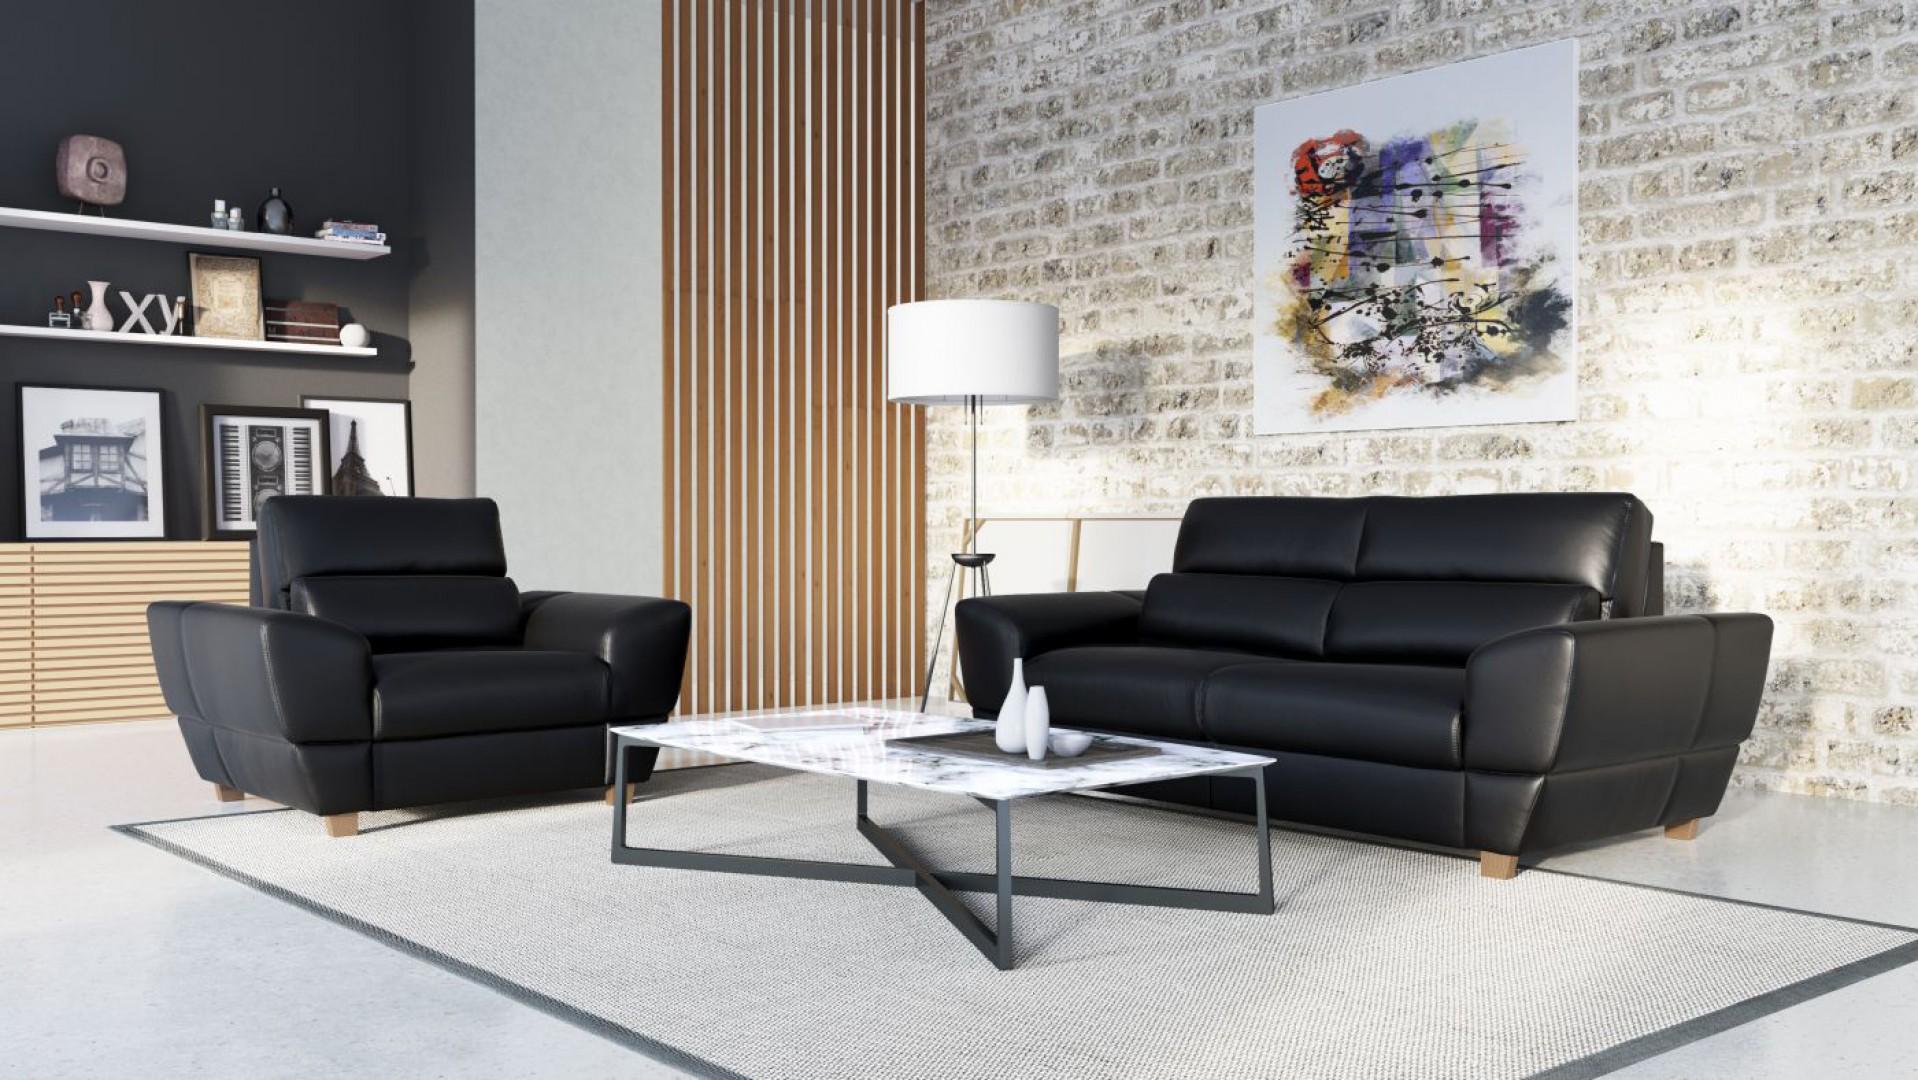 Zestaw Leo to nowoczesne meble wypoczynkowe, które sprawią, że salon będzie prezentował się elegancko i stylowo. Fot. Etap Sofa